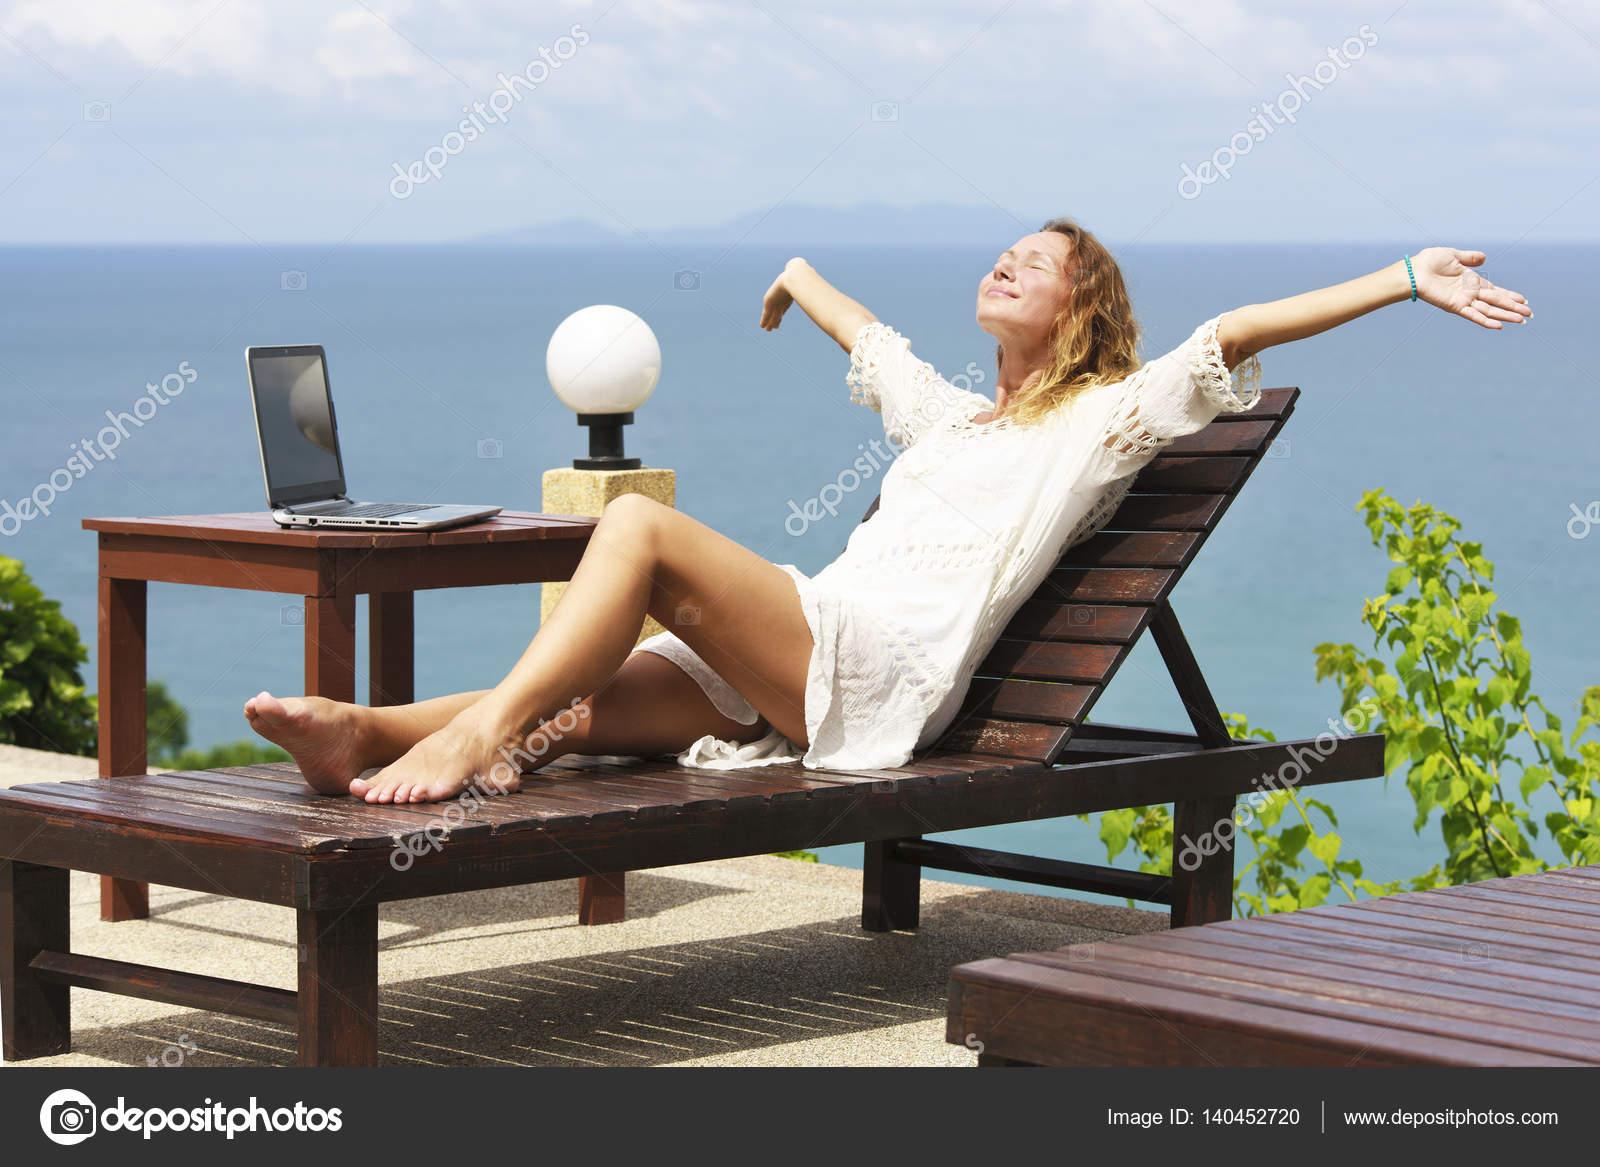 42bcb5600d9c Freie Frauen an einem Strand mit laptop — Stockfoto © Hvoenok #140452720